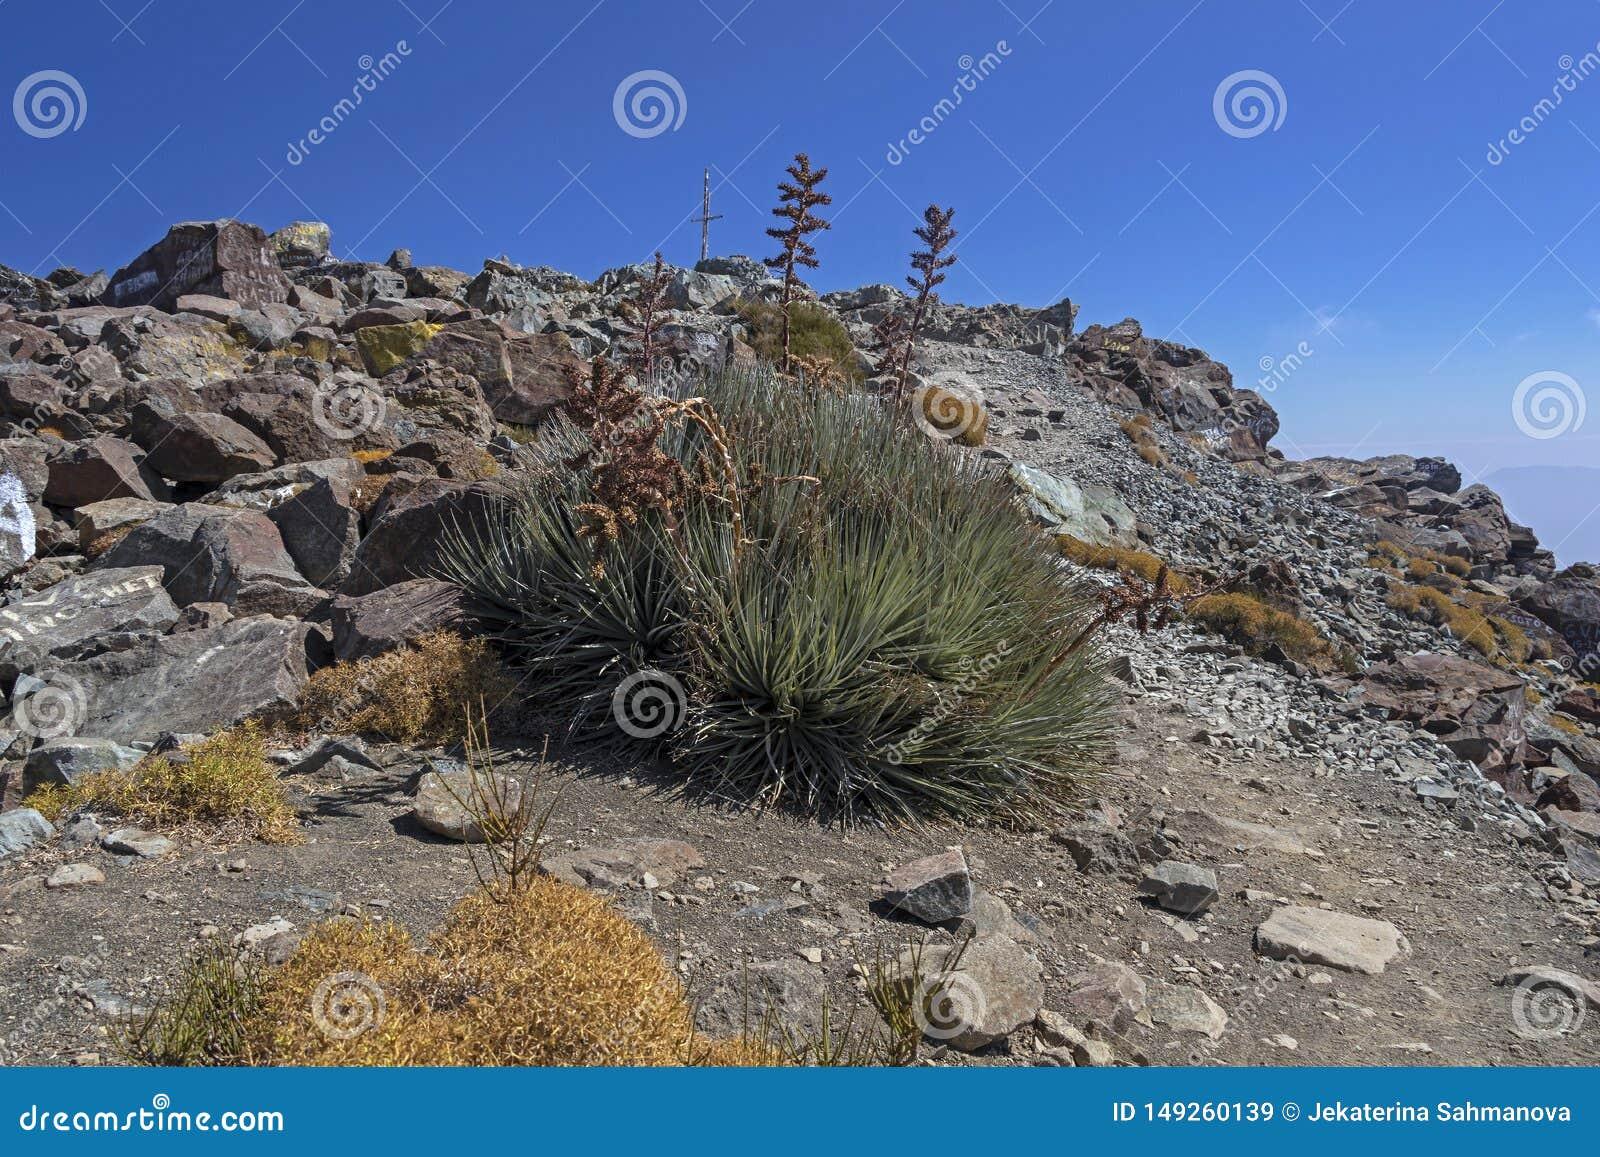 Vegeta??o da montanha com alo?s e cacto, flora do parque de Campana National do La no Chile central, ?m?rica do Sul